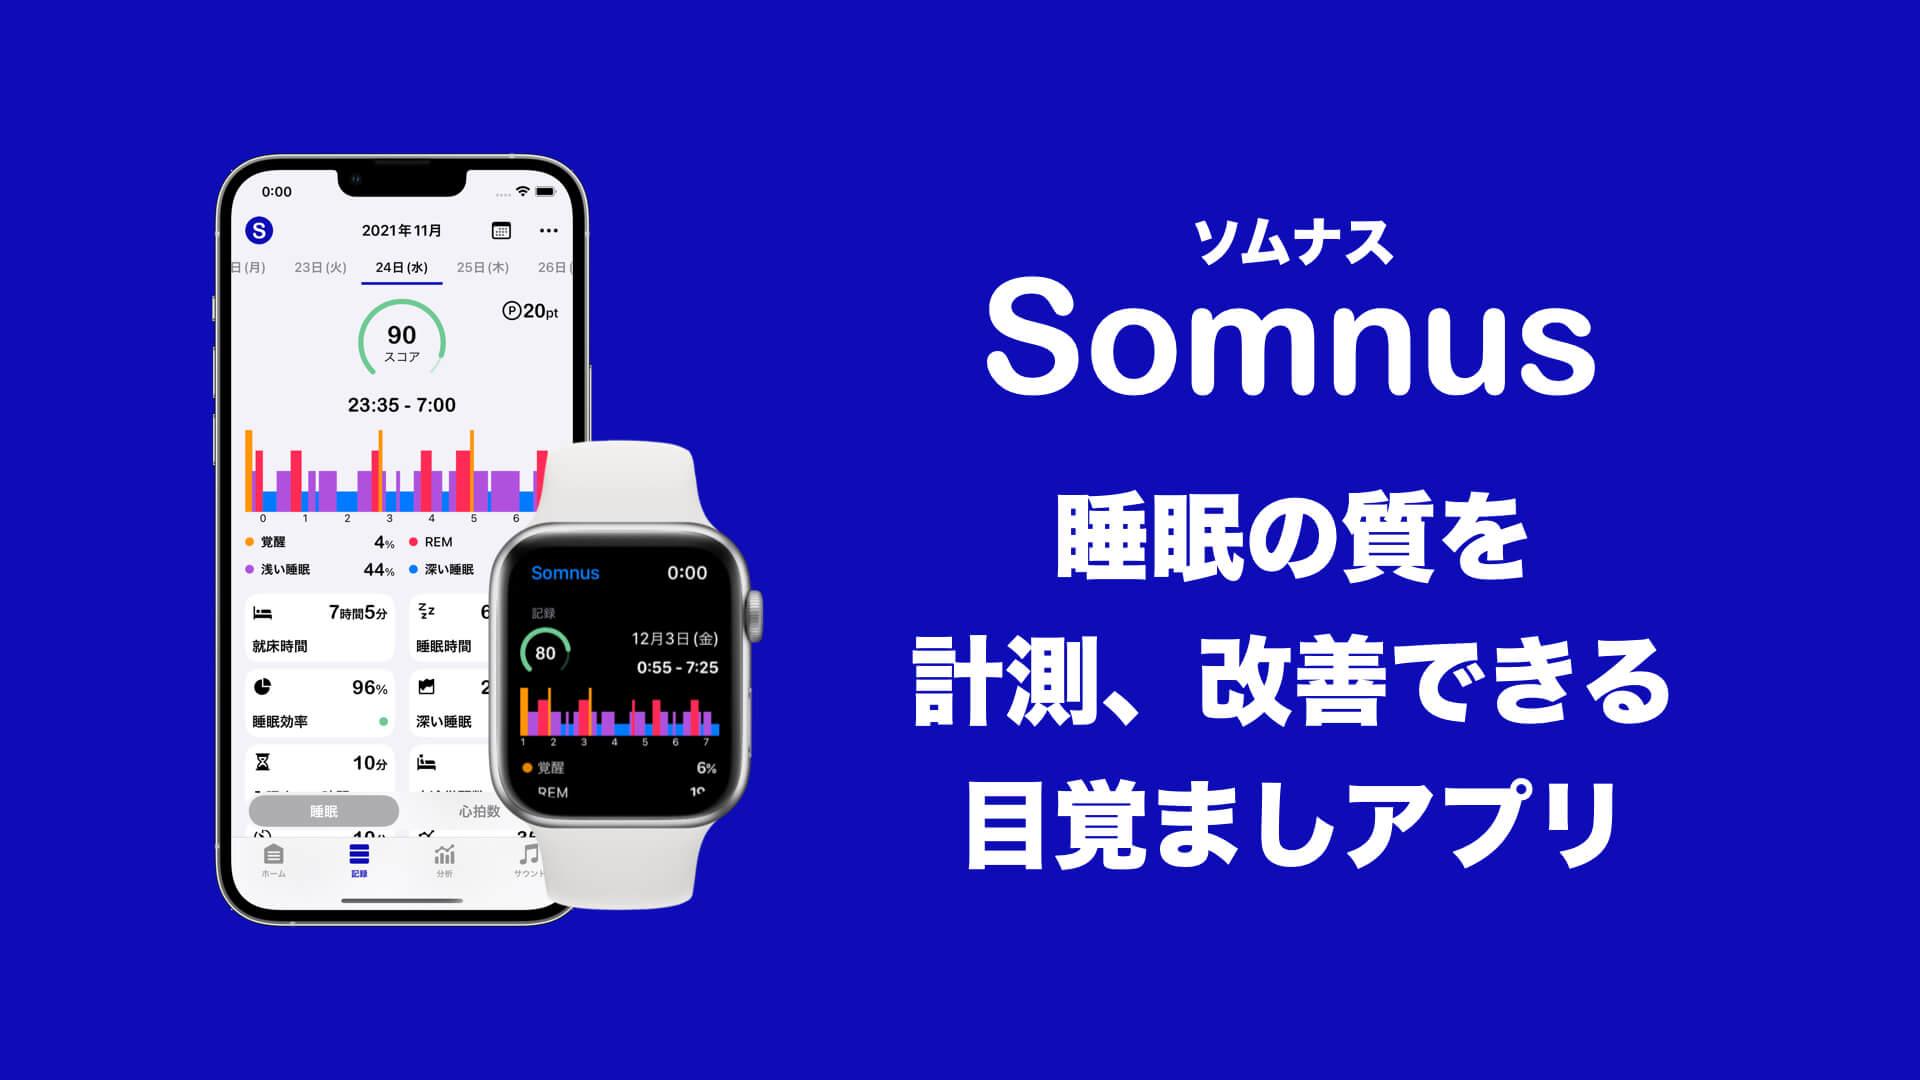 睡眠アプリSomnus